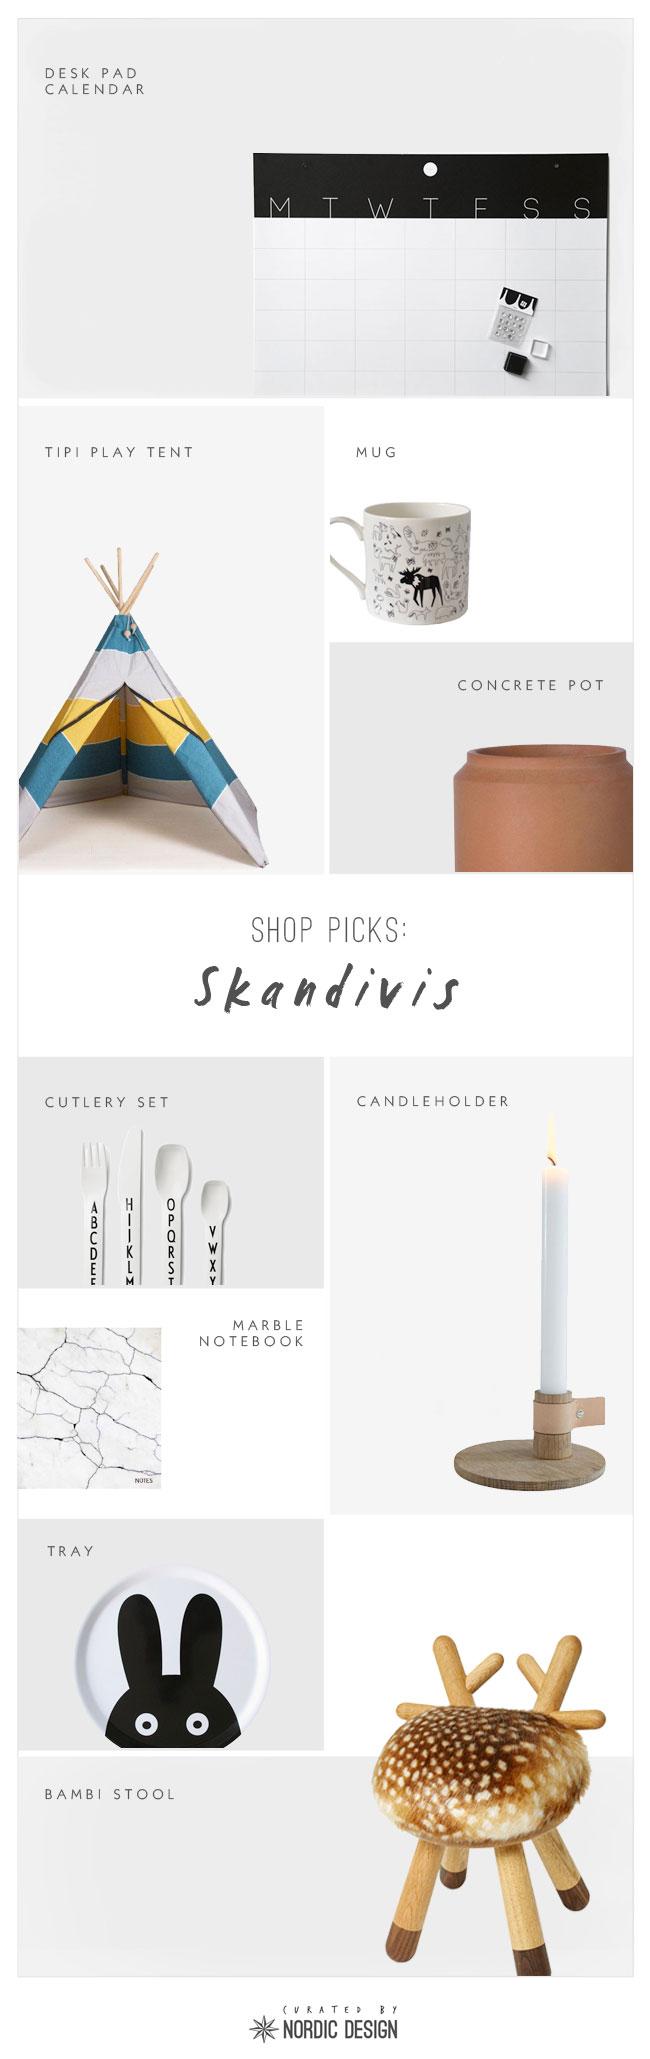 Shop-picks-Skandivis